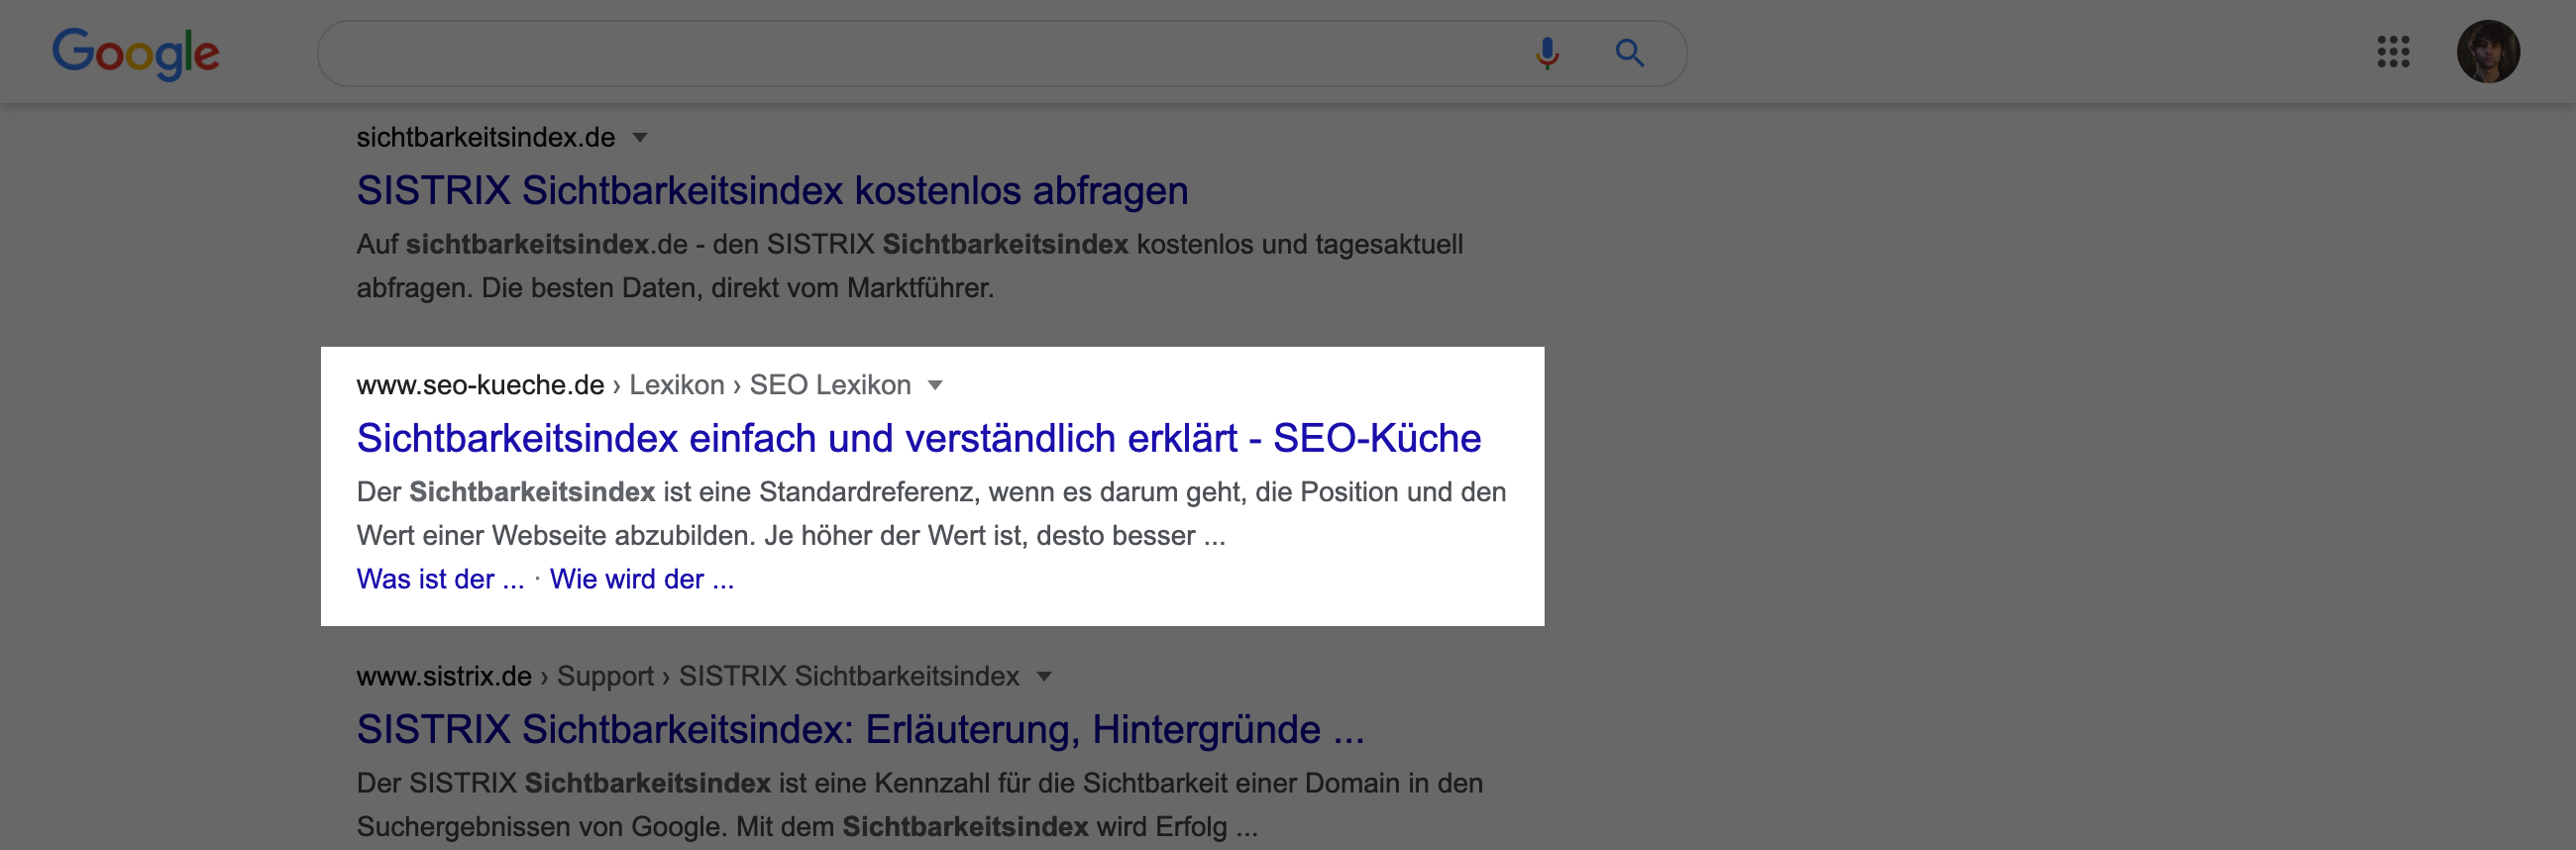 Suchtreffer in den Google-Suchergebnissen. Der Titel hat hier 63 Zeichen und wird nicht verkürzt dargestellt.